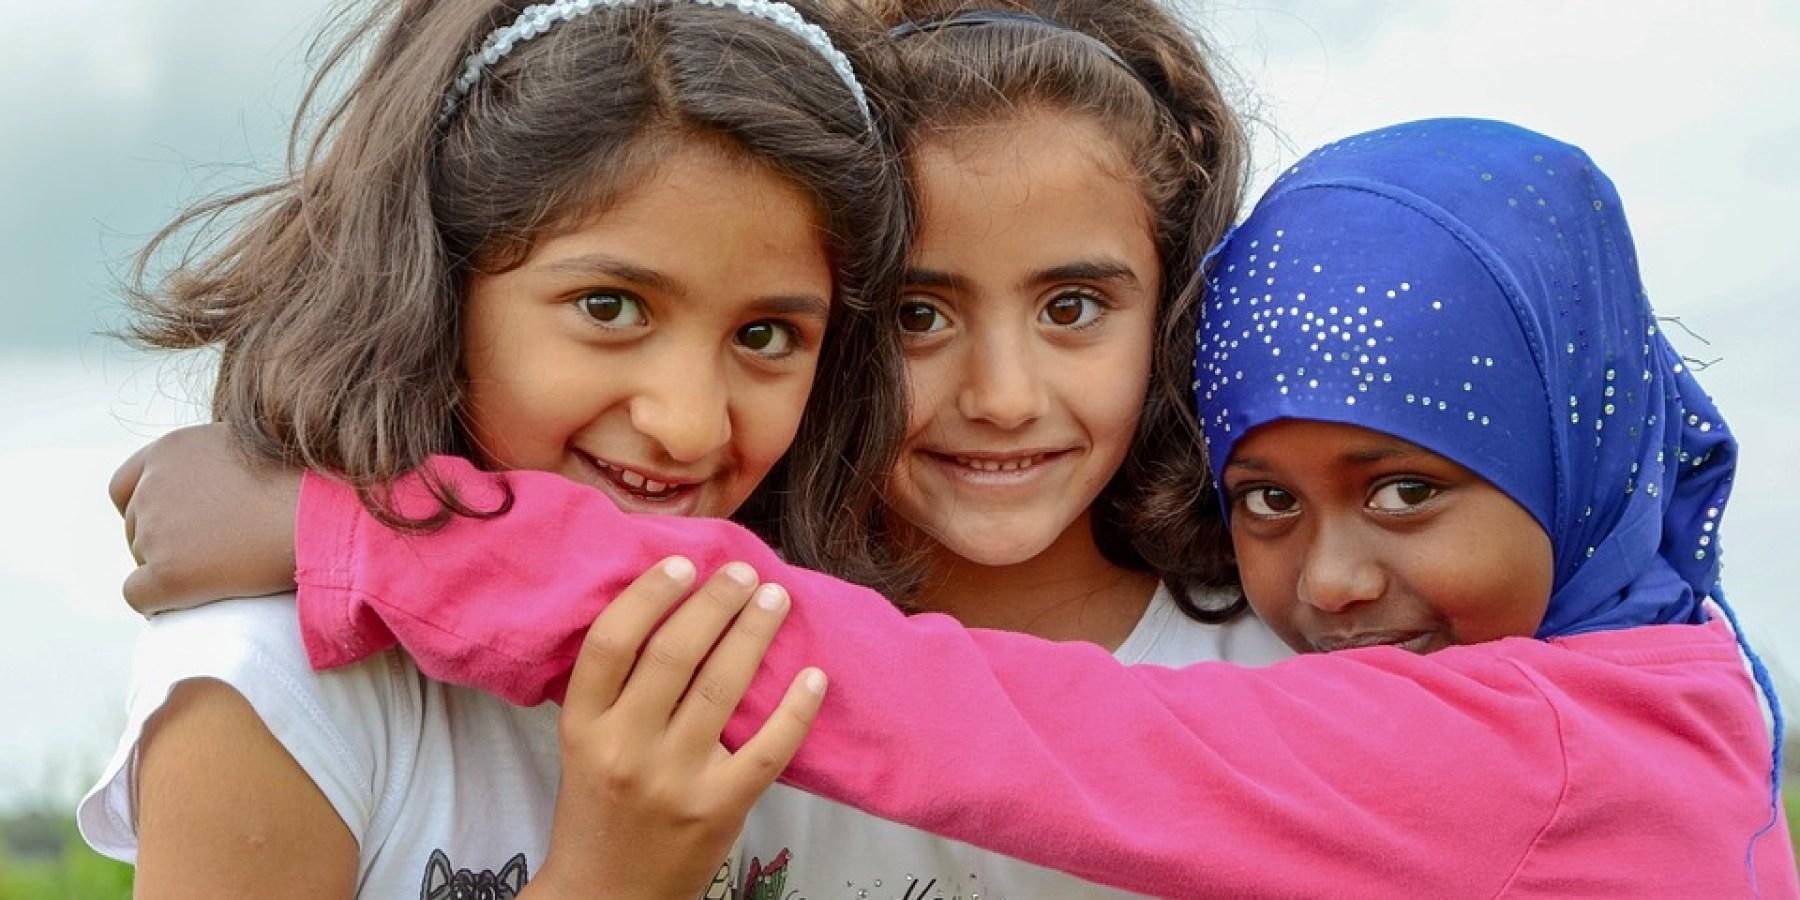 Flüchtlingseinrichtungen Wangeroogeweg laden am Freitag zum Sommerfest ein